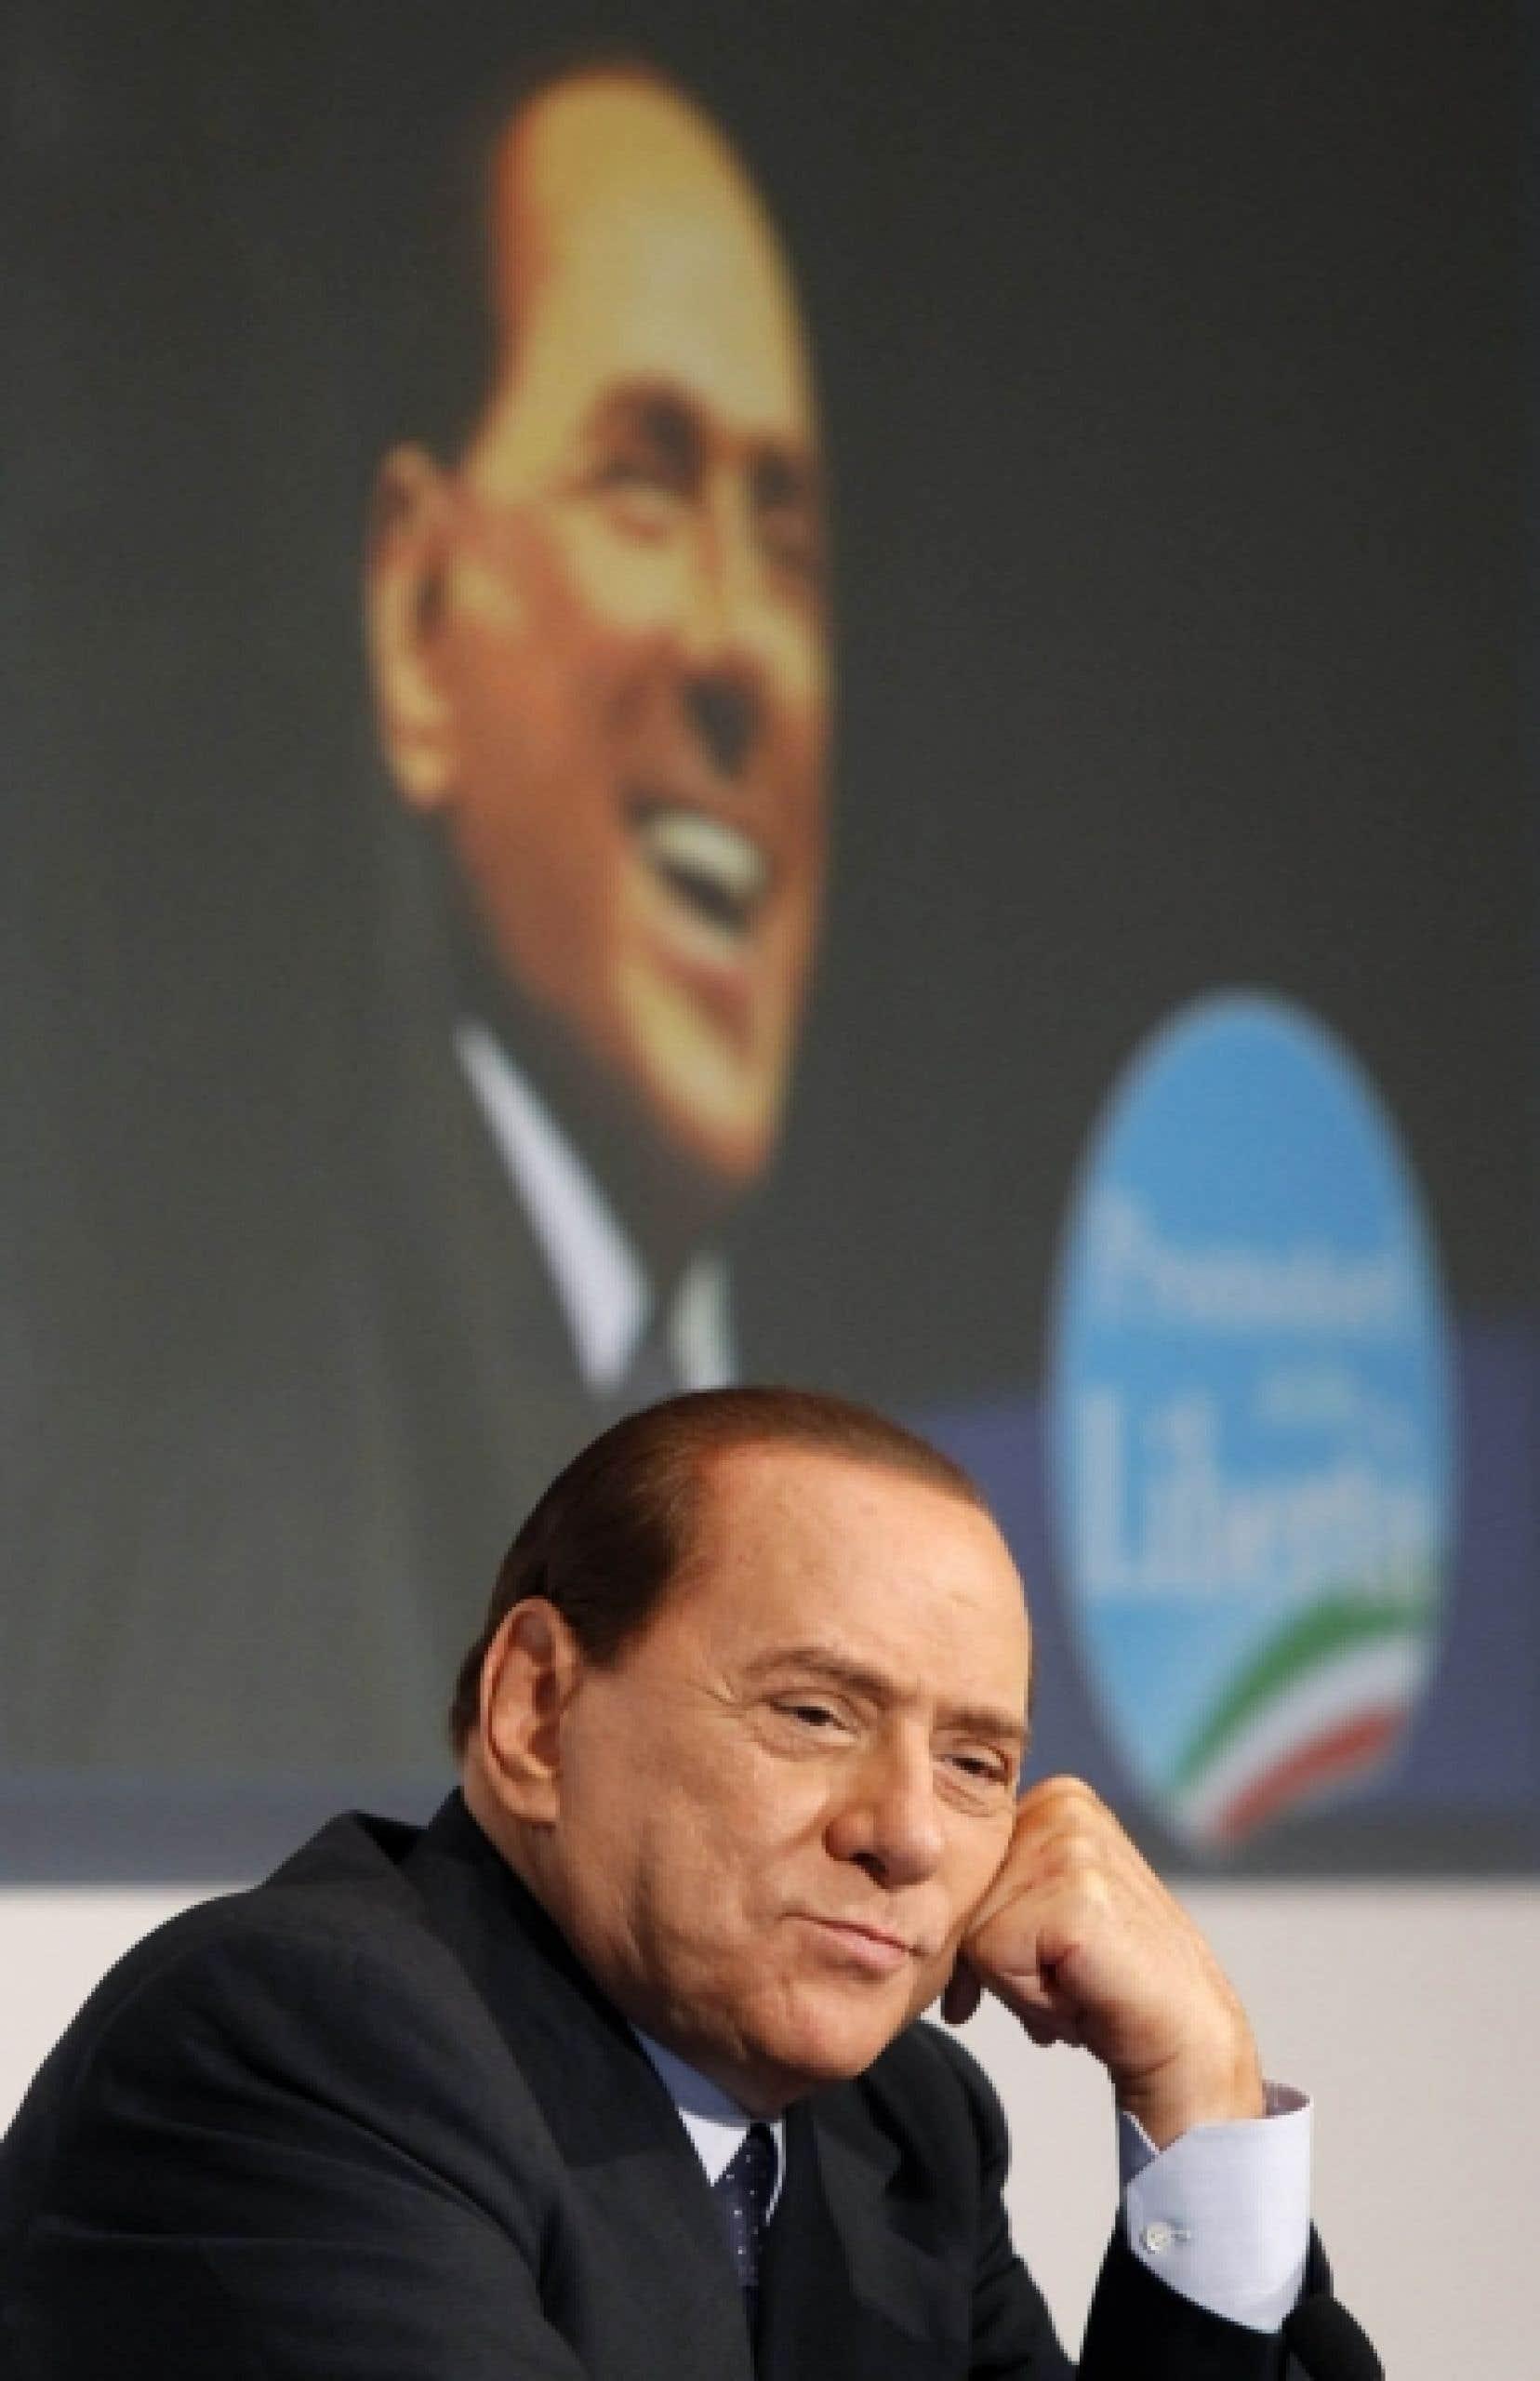 À l'étranger, on ne voit plus la liquidation de la société en cours sous la coupe de Berlusconi.